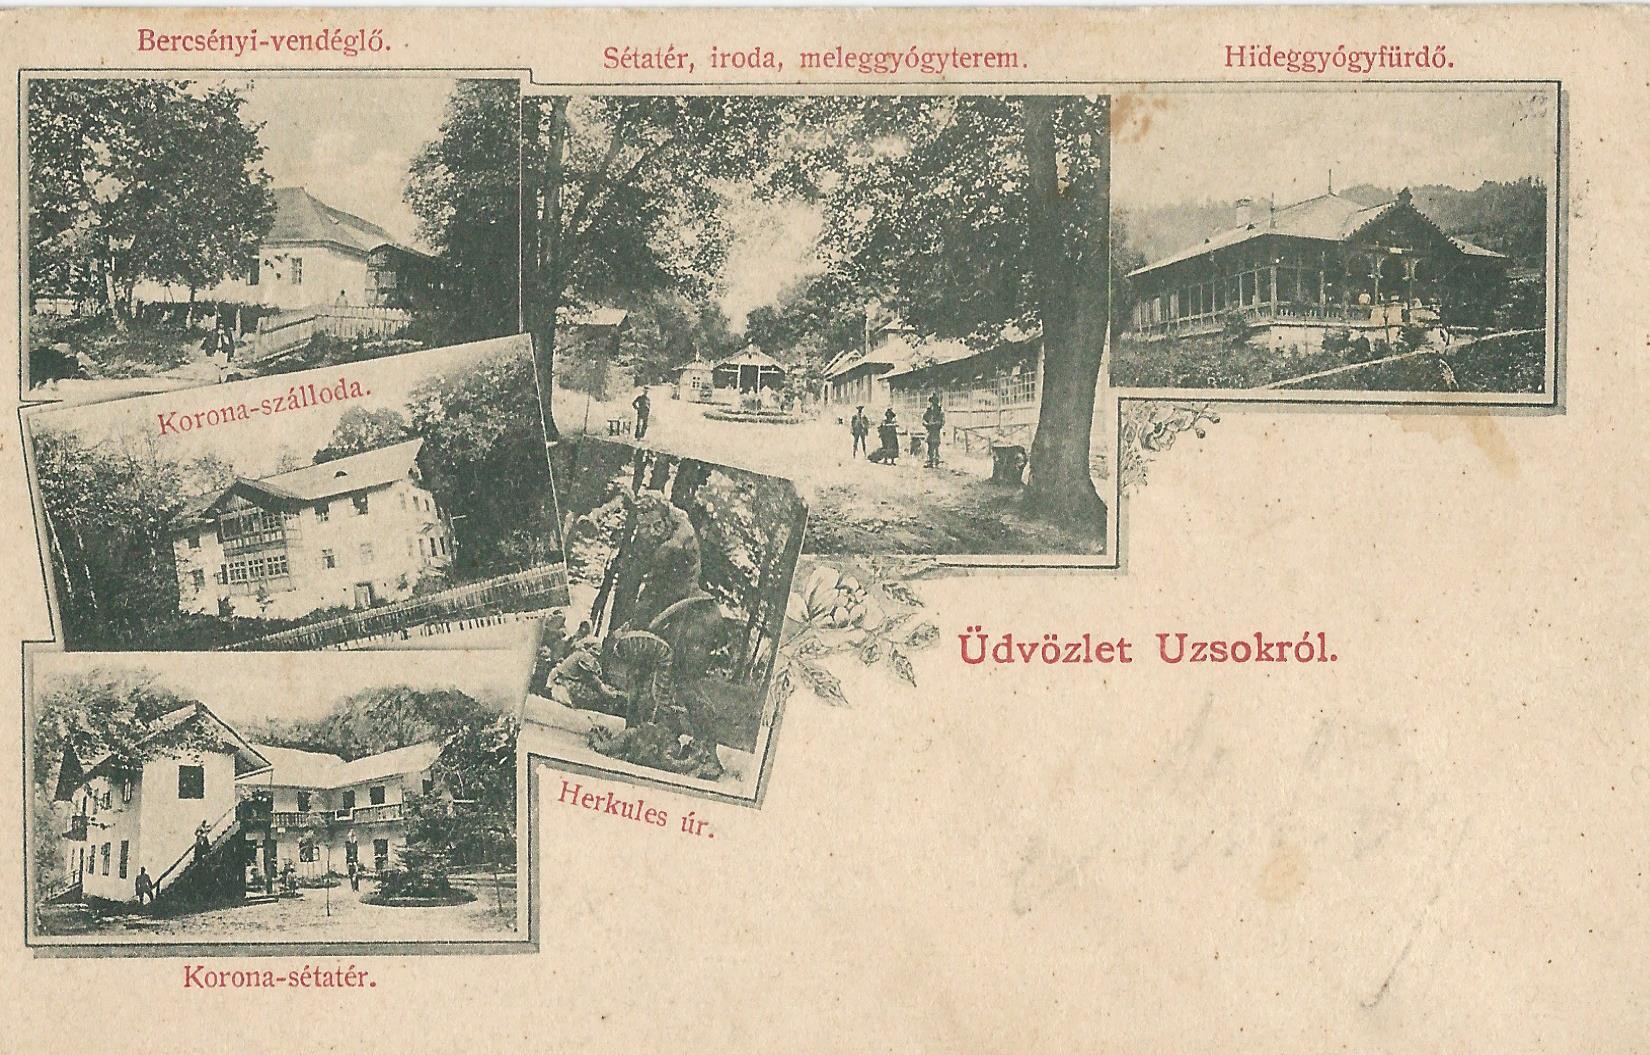 Ужоцький бальнеологічний курорт